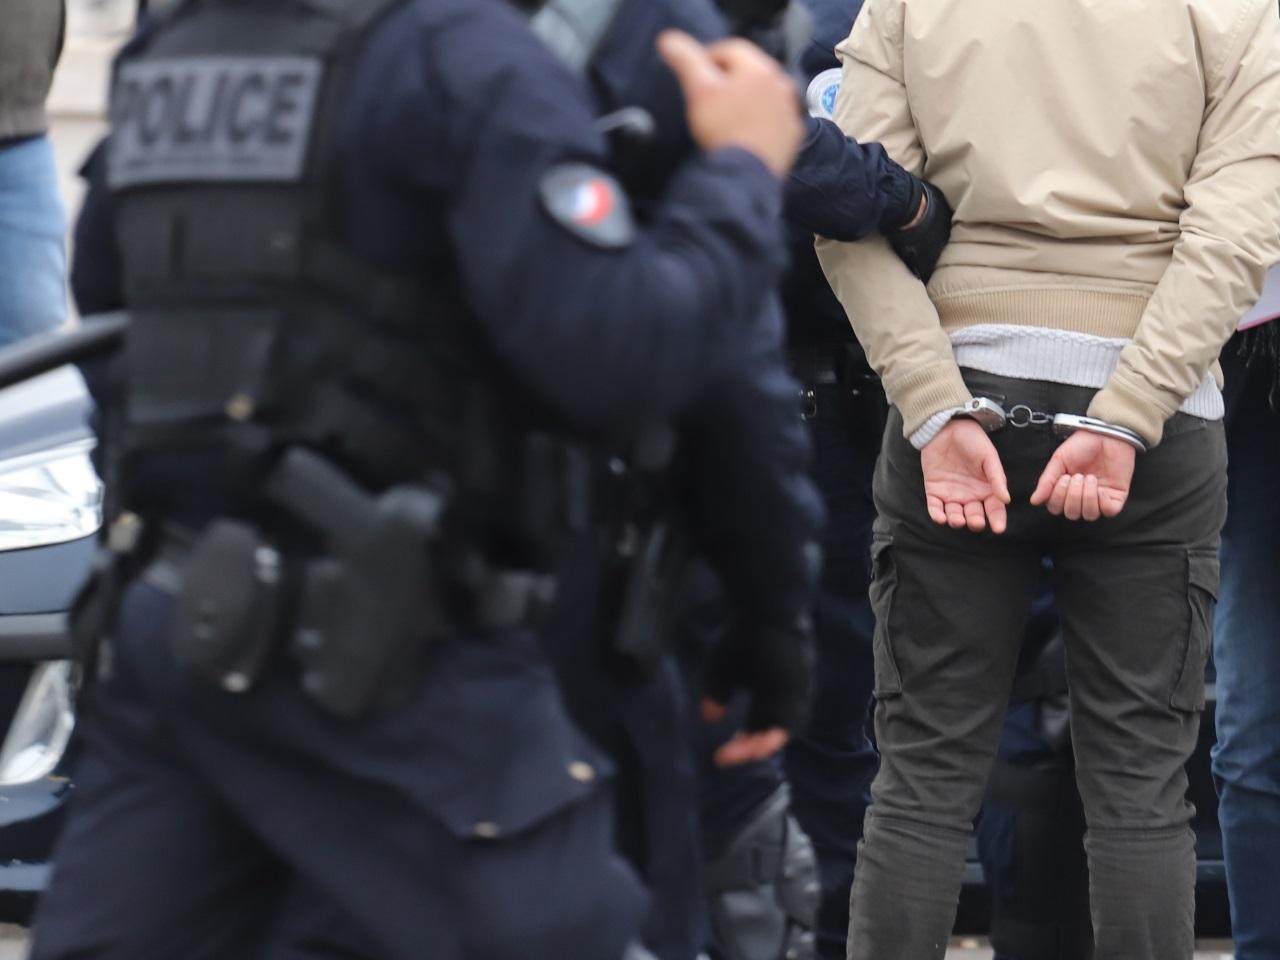 Suisse-France: Fourgon braqué sur l'A1: 15 arrestations - Faits Divers